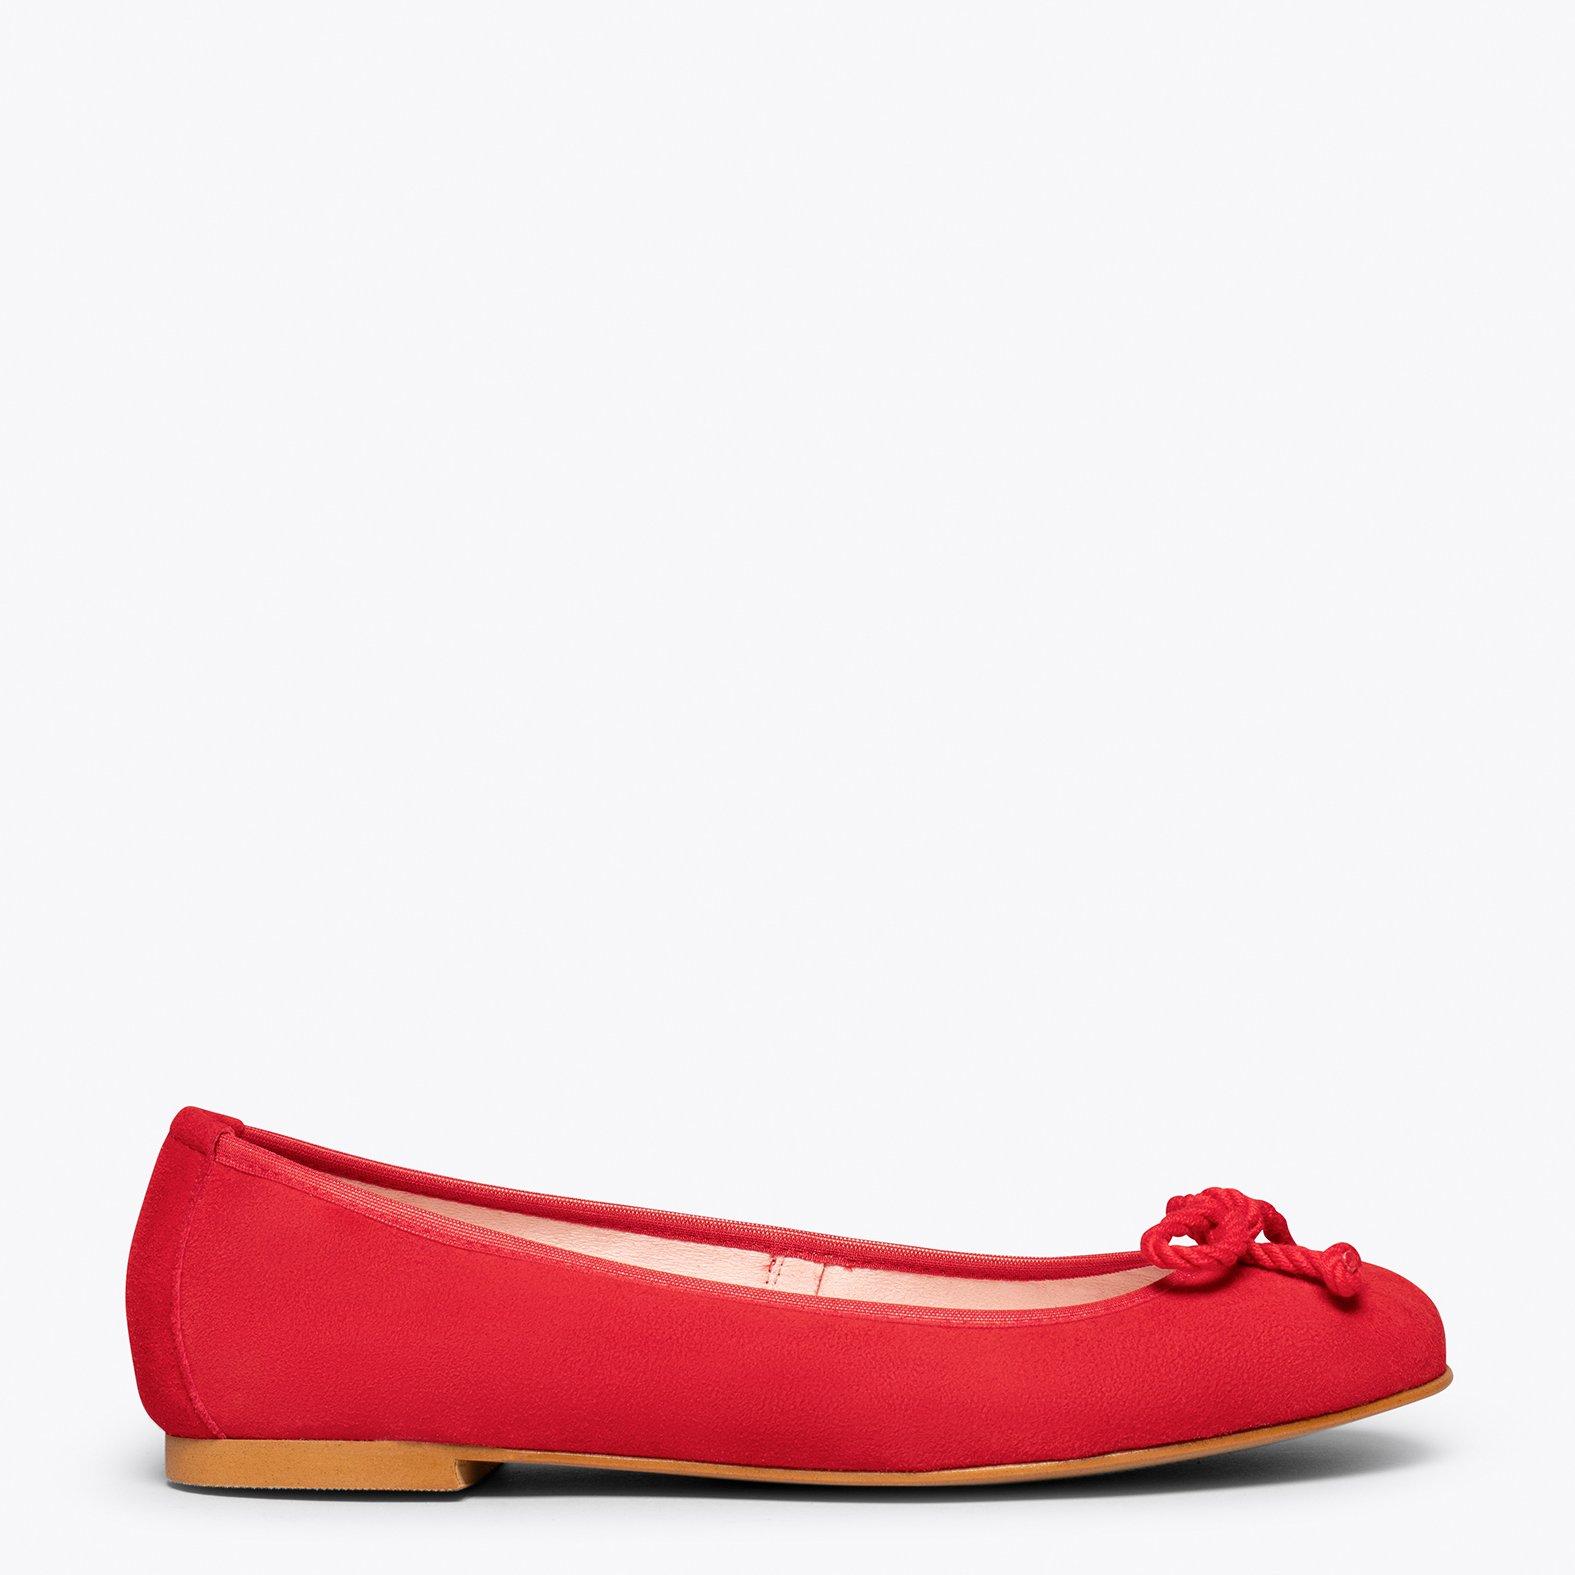 STILETTO Zapato con tacón fino TAUPE